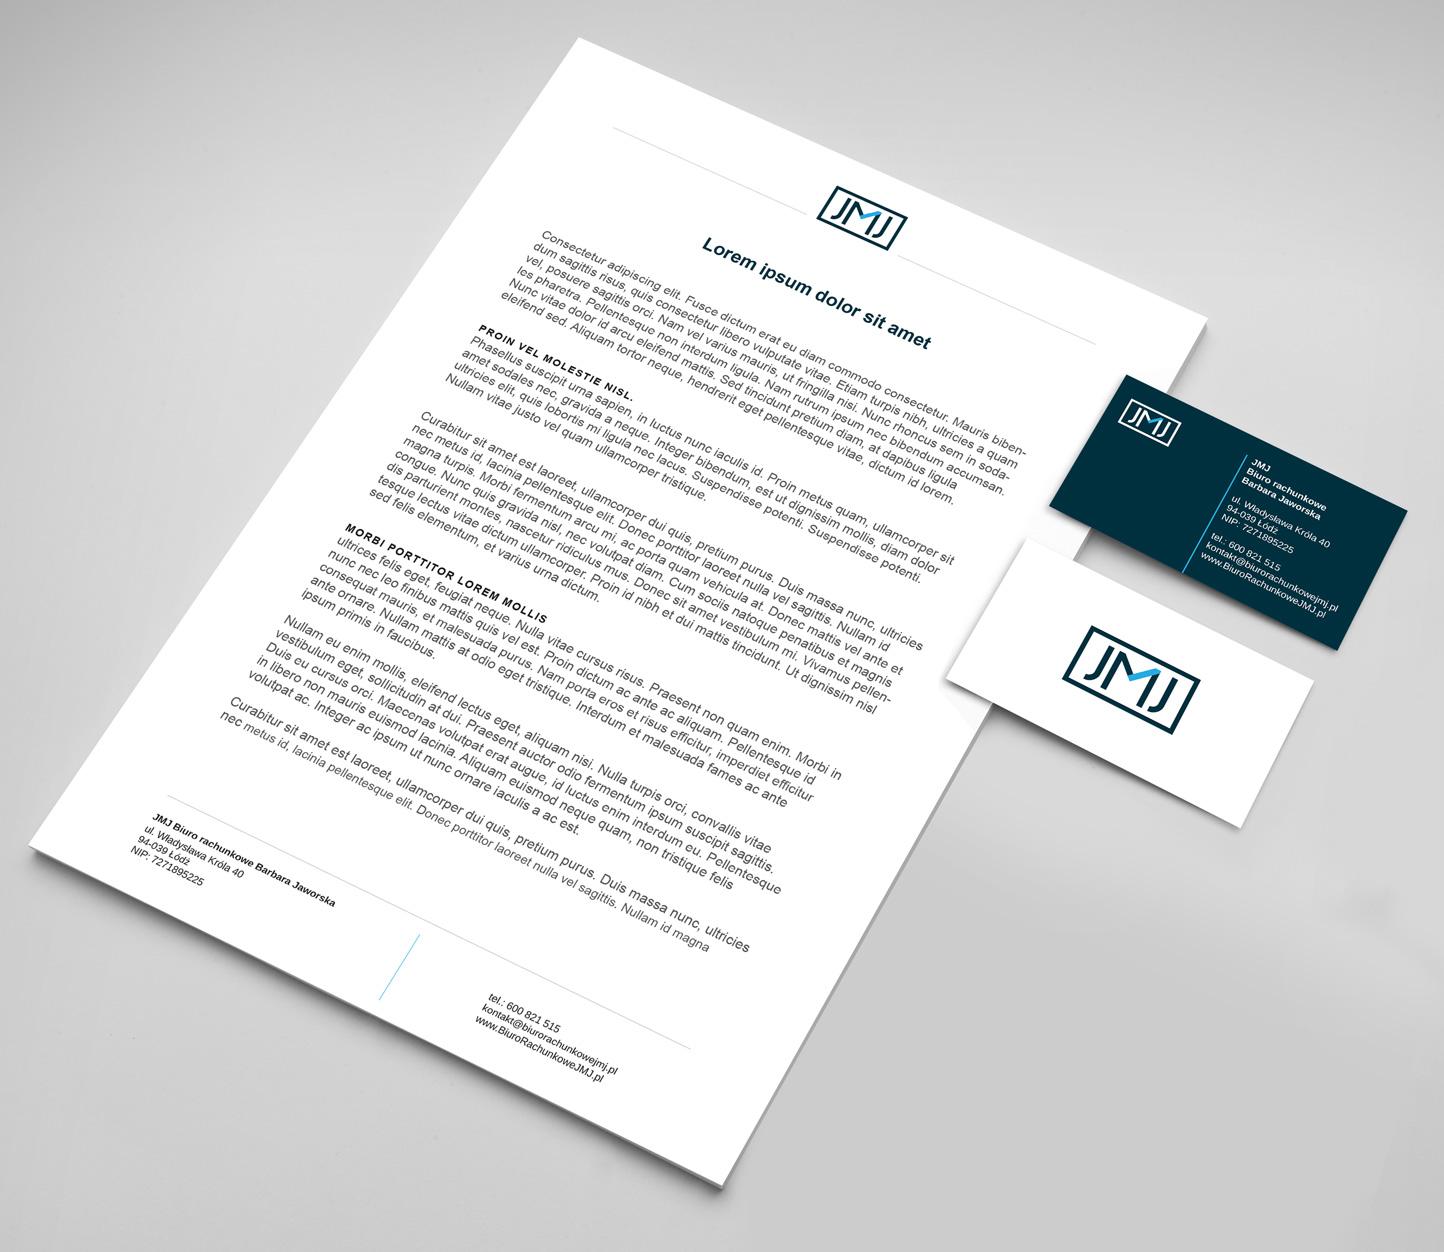 Papier firmowy i wizytówka - JMJ